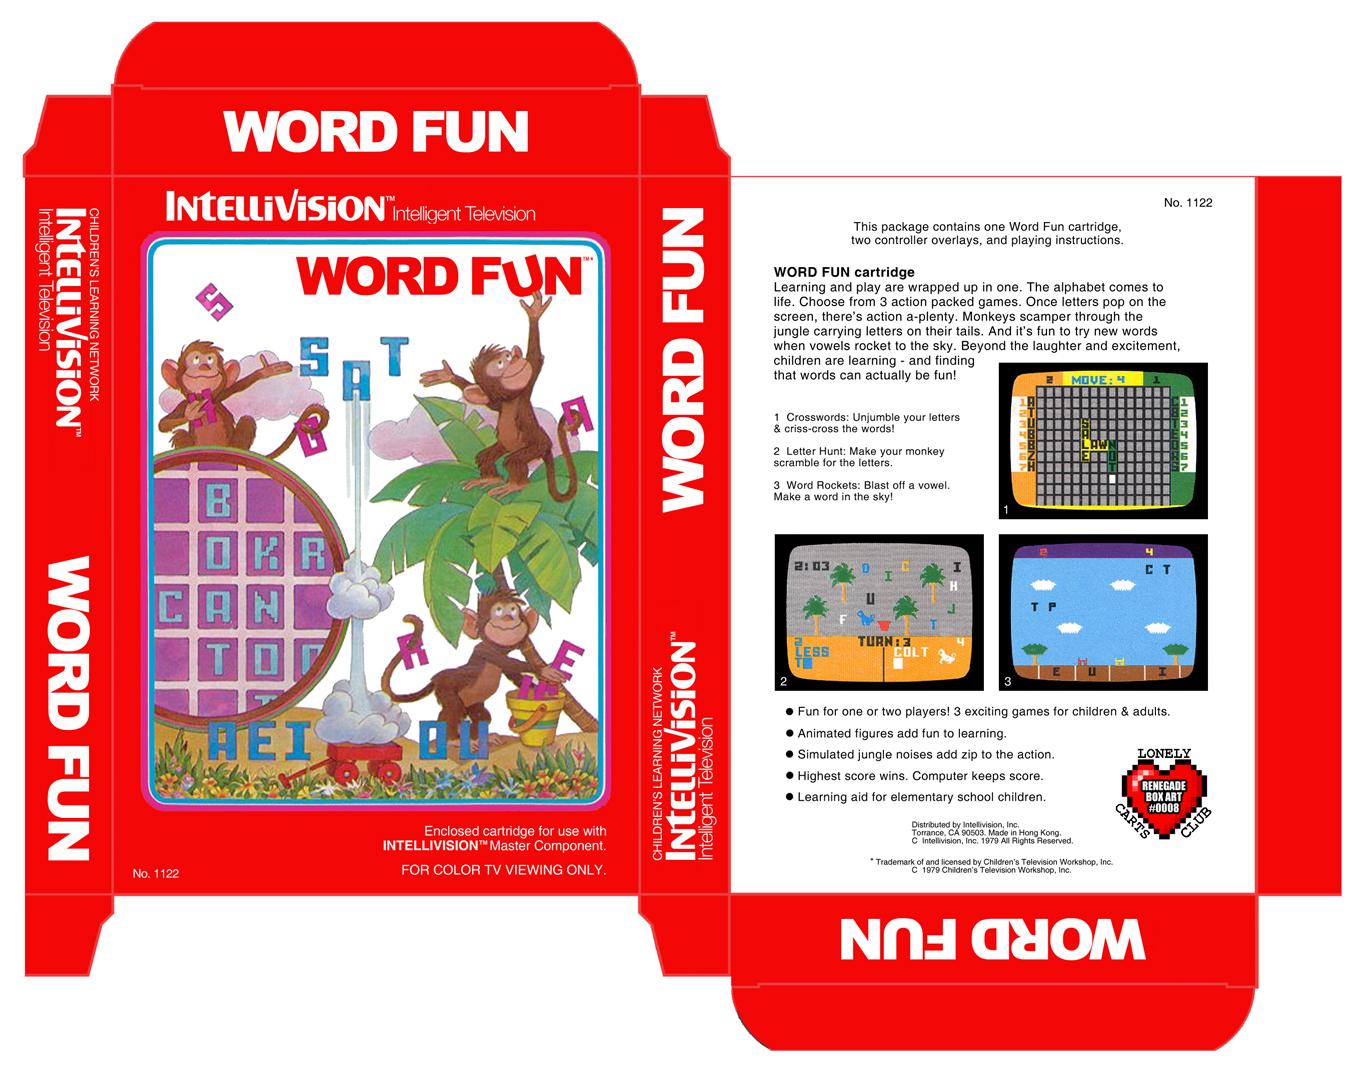 Word_Fun_Box_AA.jpg